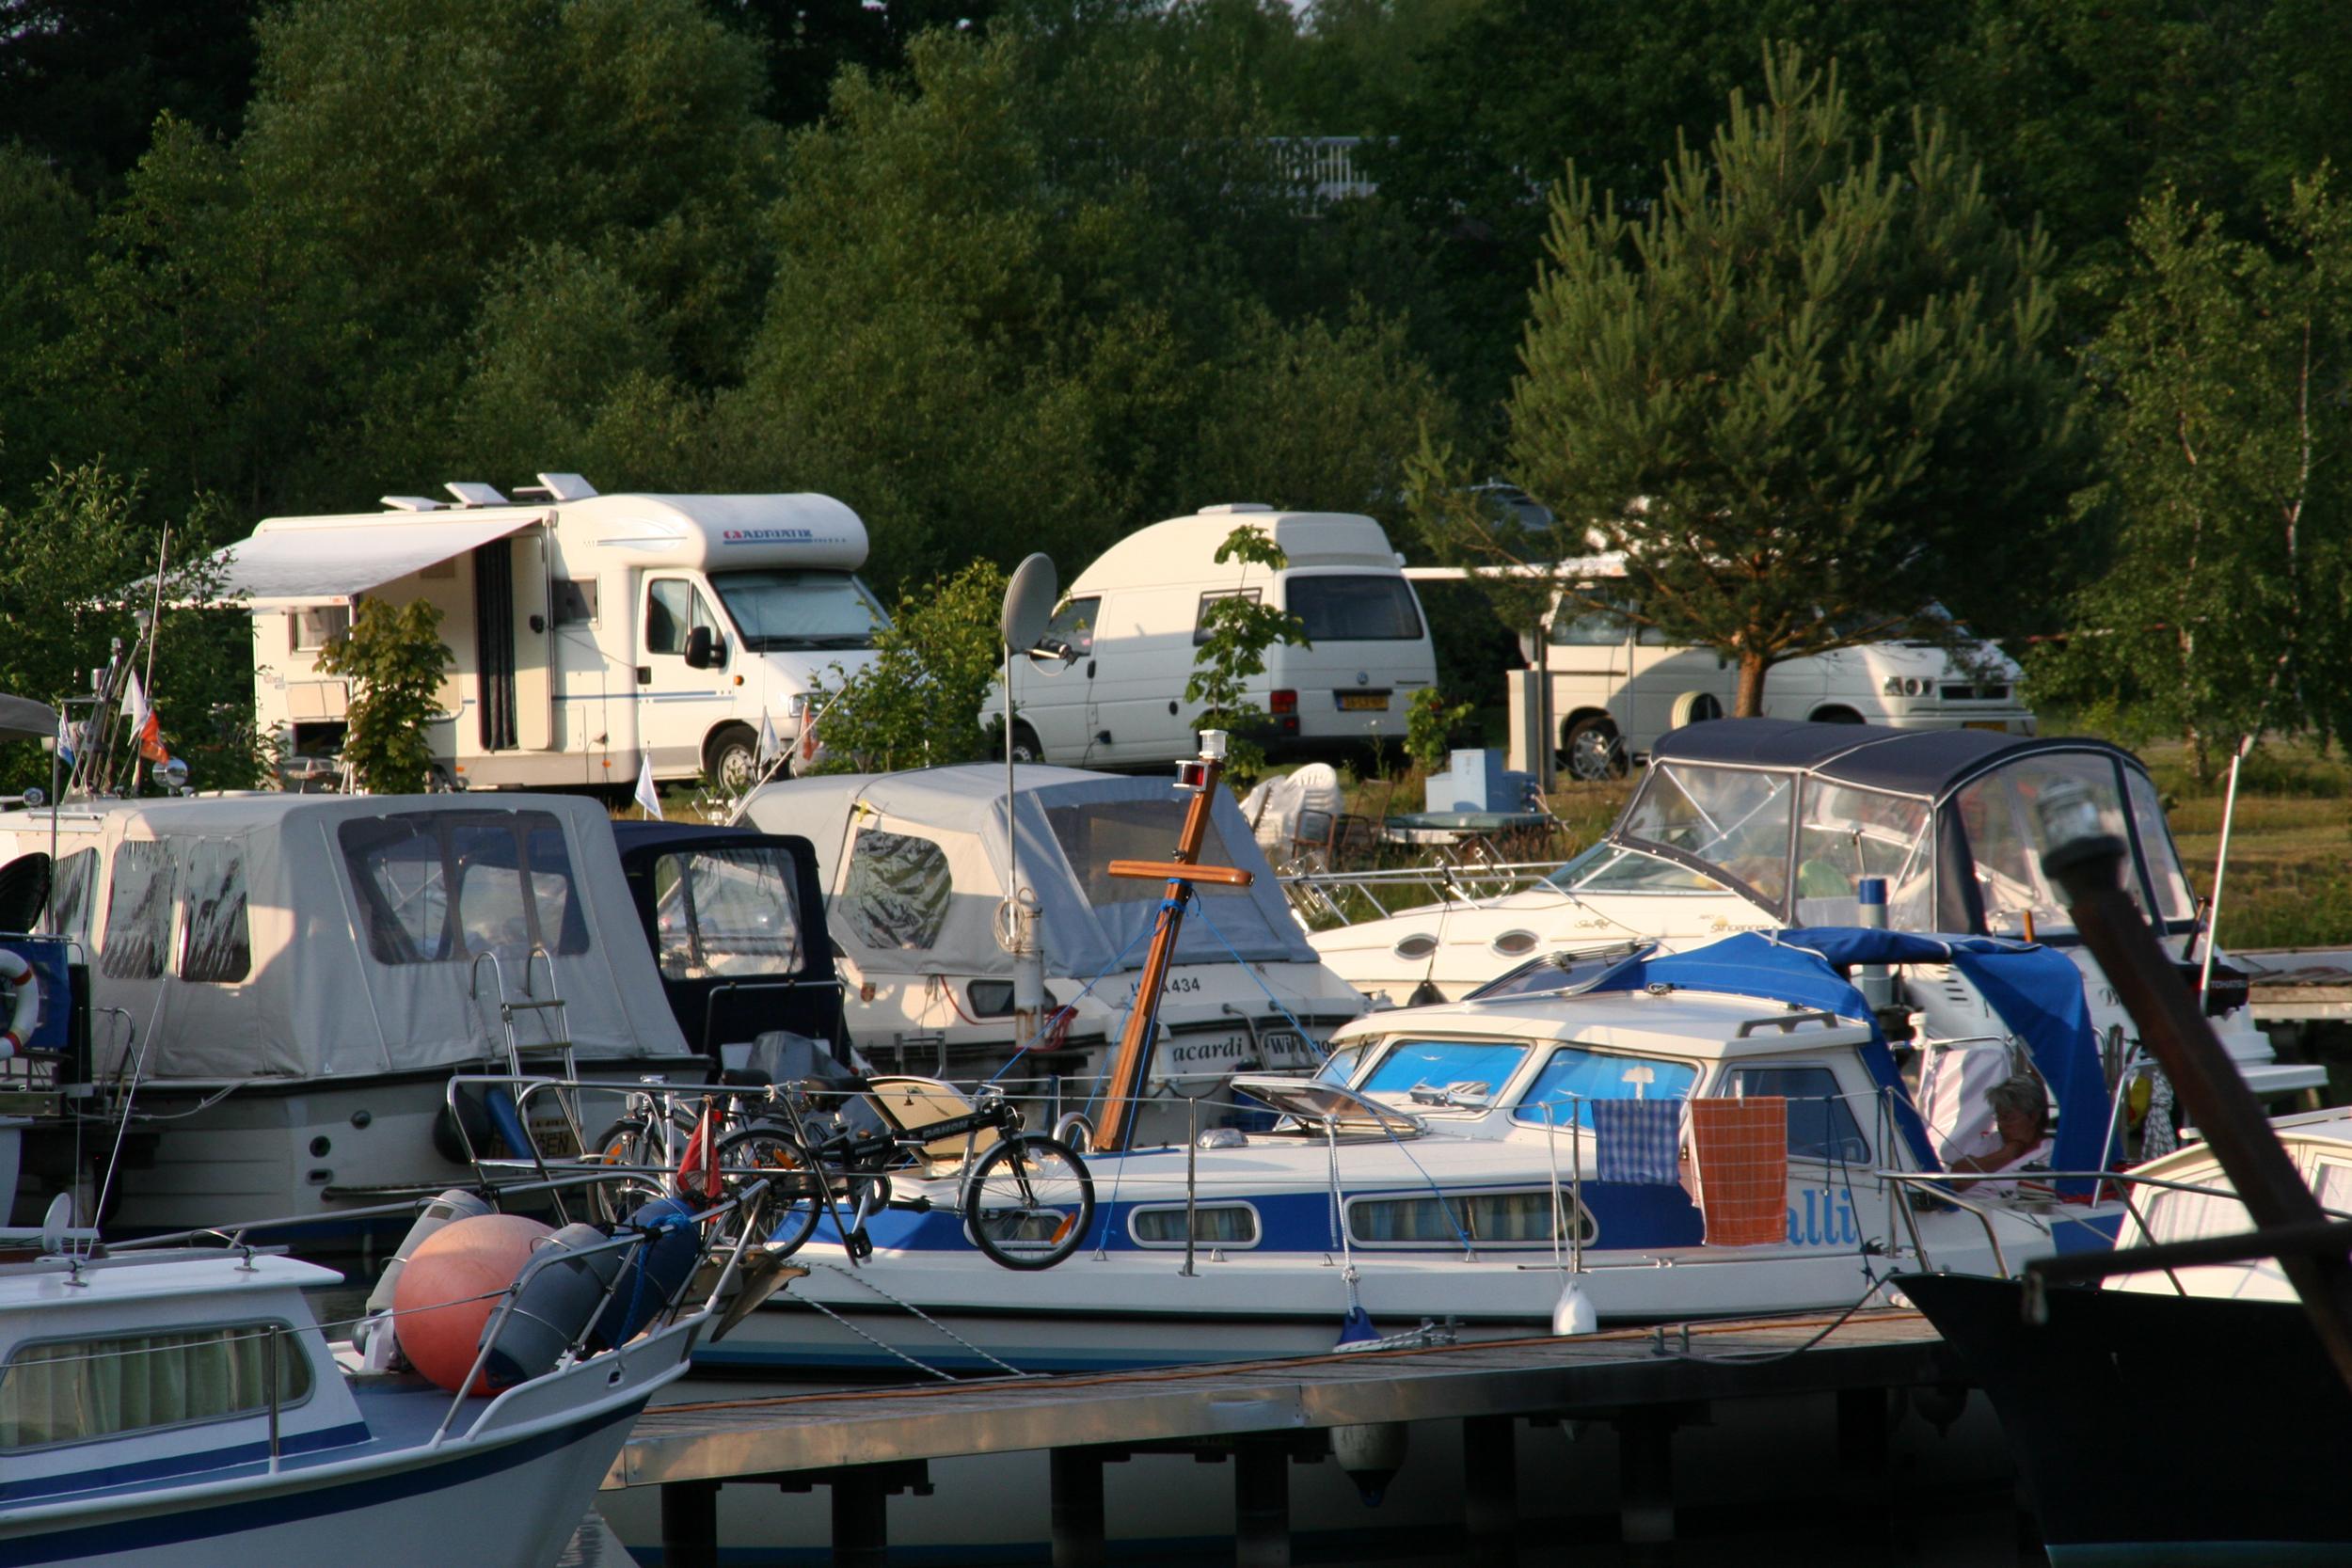 Wohnmobilstellplatz und Sportboothafen in Wittingen